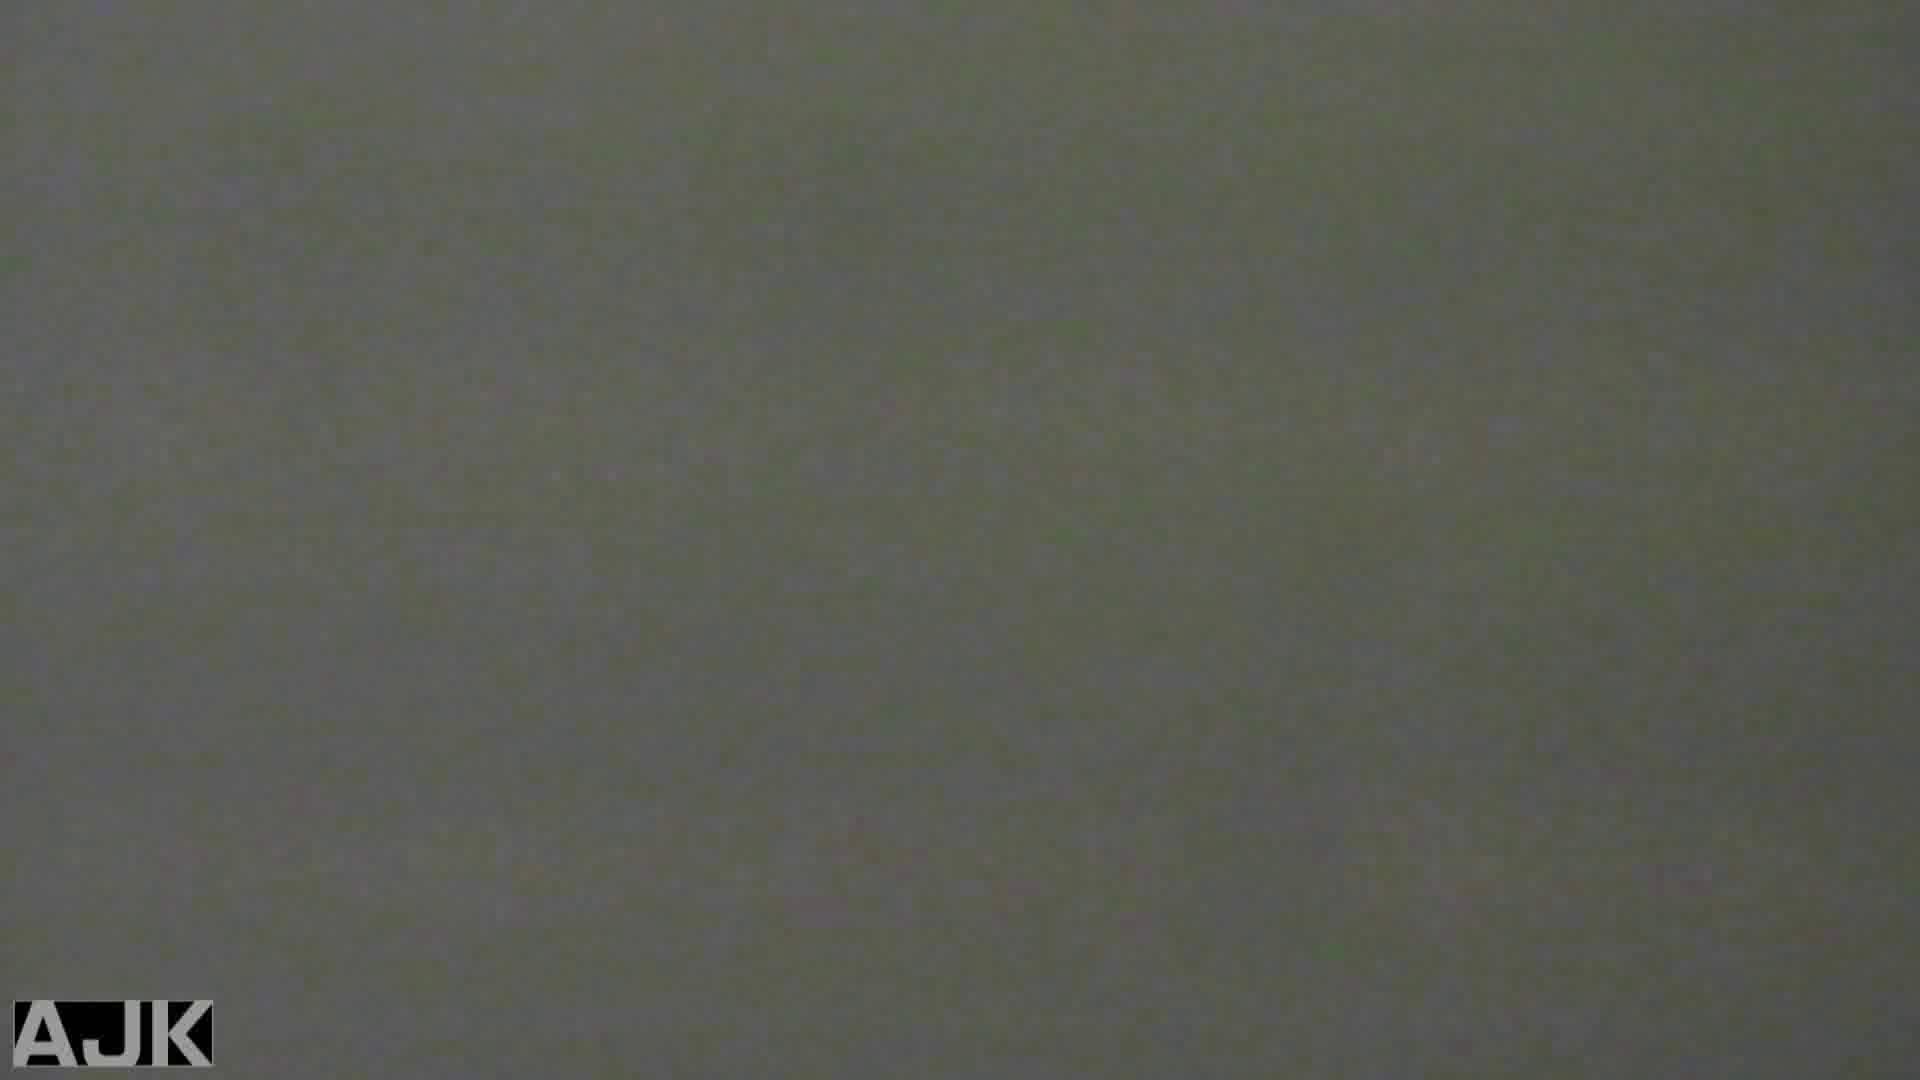 隣国上階級エリアの令嬢たちが集うデパートお手洗い Vol.28 オマンコ見放題 AV無料動画キャプチャ 103枚 39